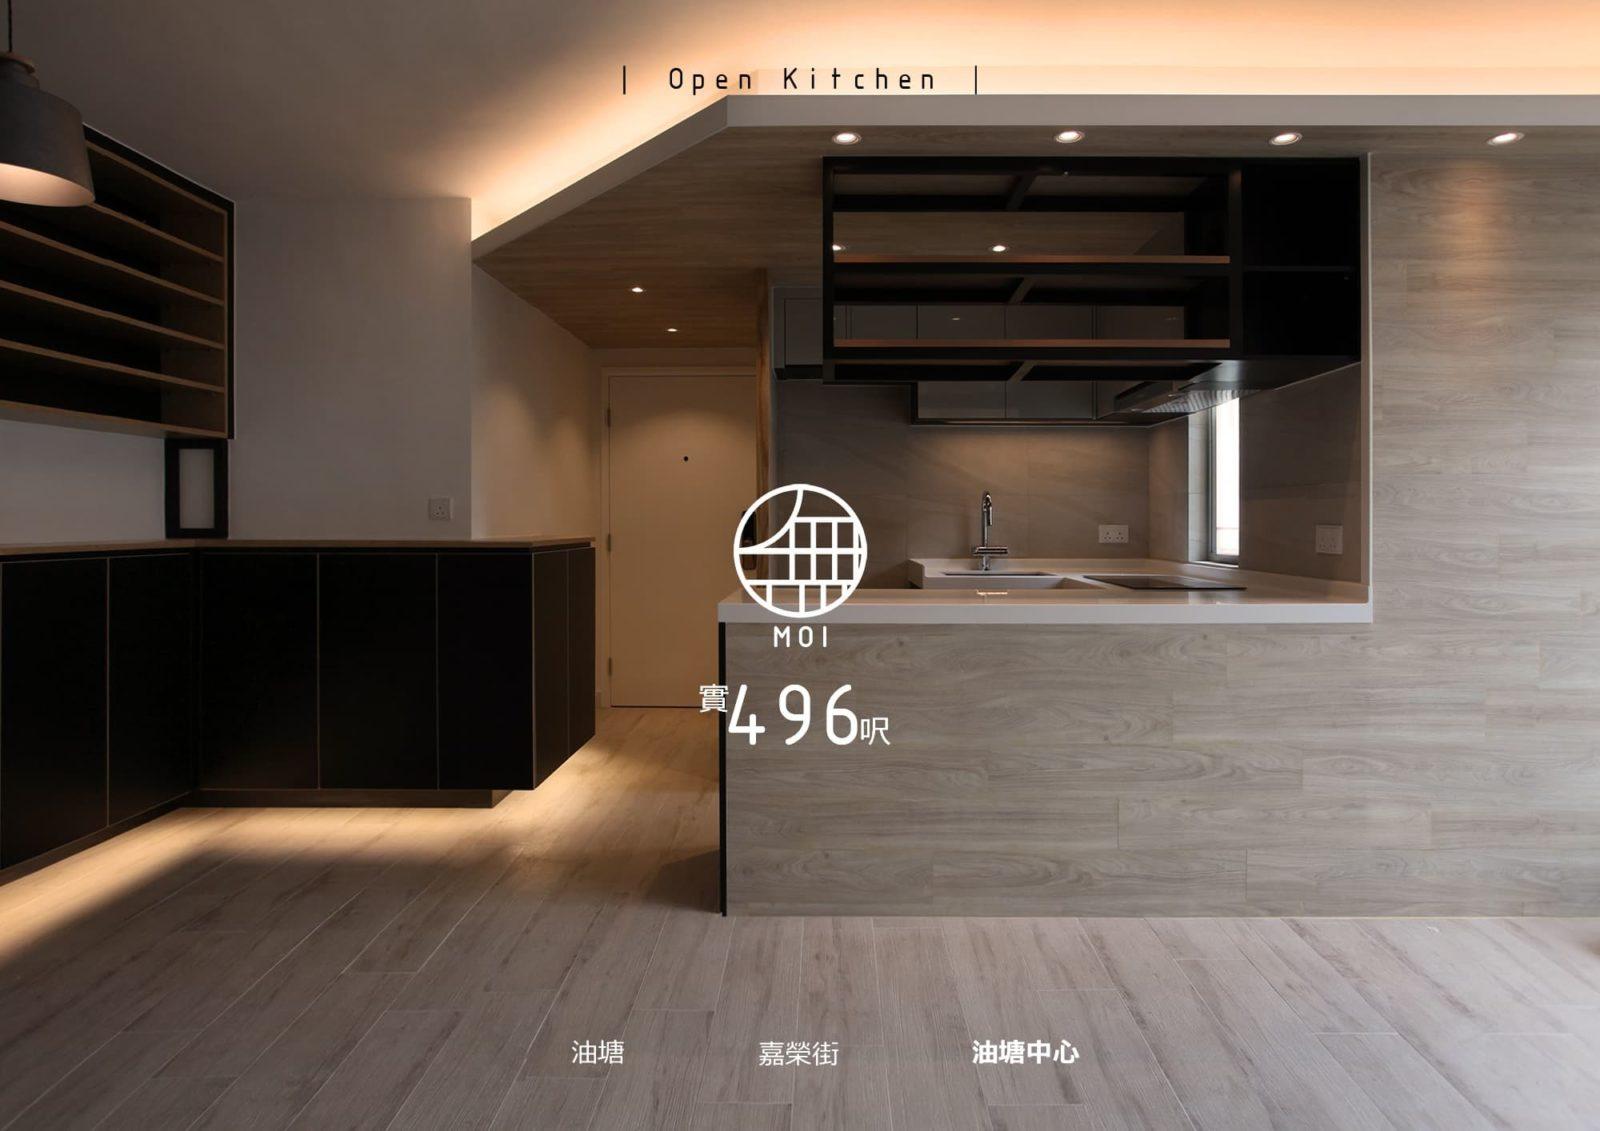 Moi Award Winning Hong Kong Interior Design Company